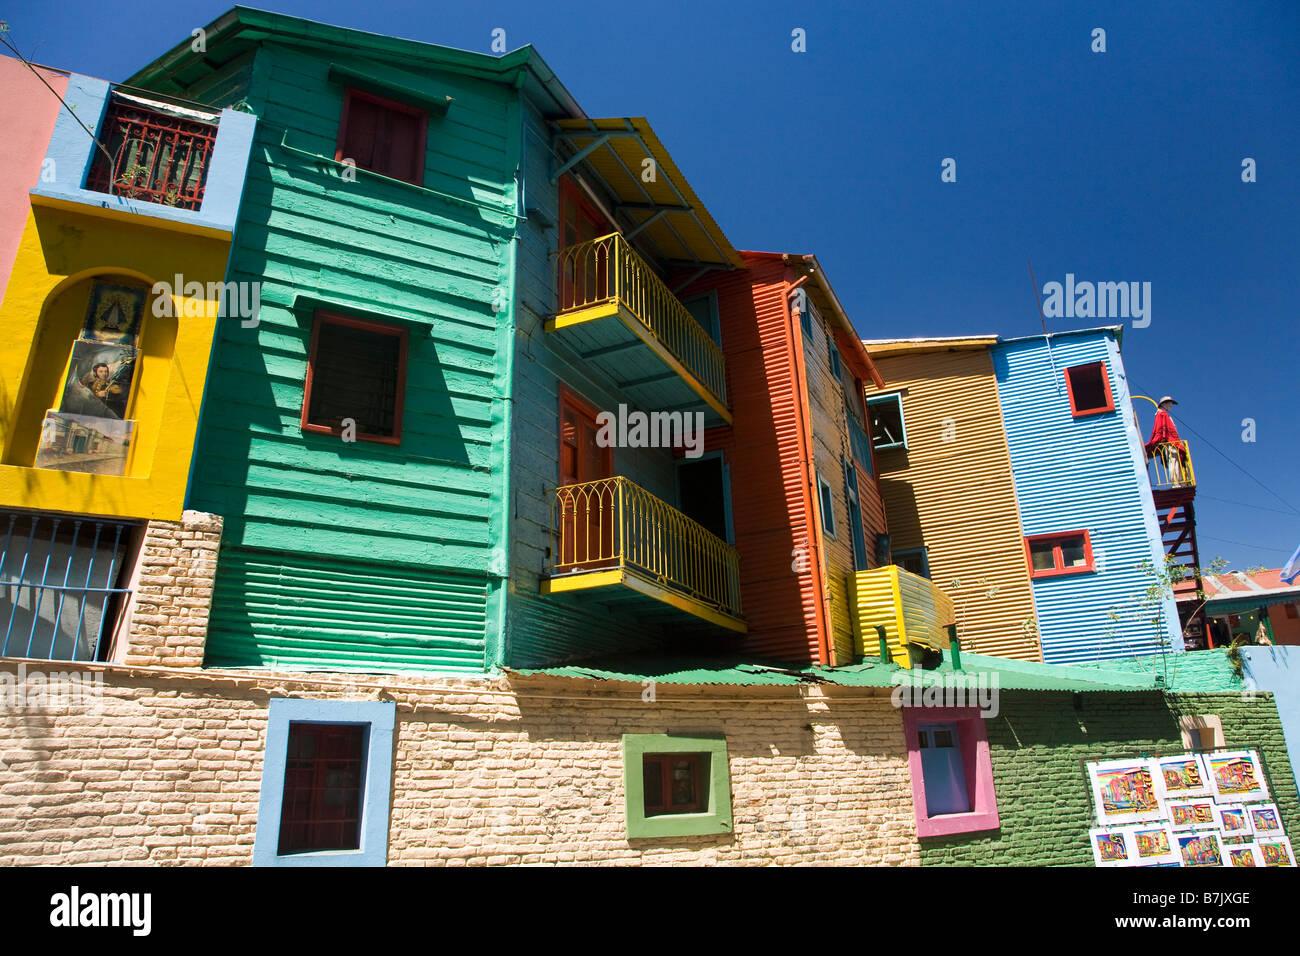 Coloré et bois peint des maisons en tôle ondulée à La Boca Buenos Aires Argentine Amérique Photo Stock